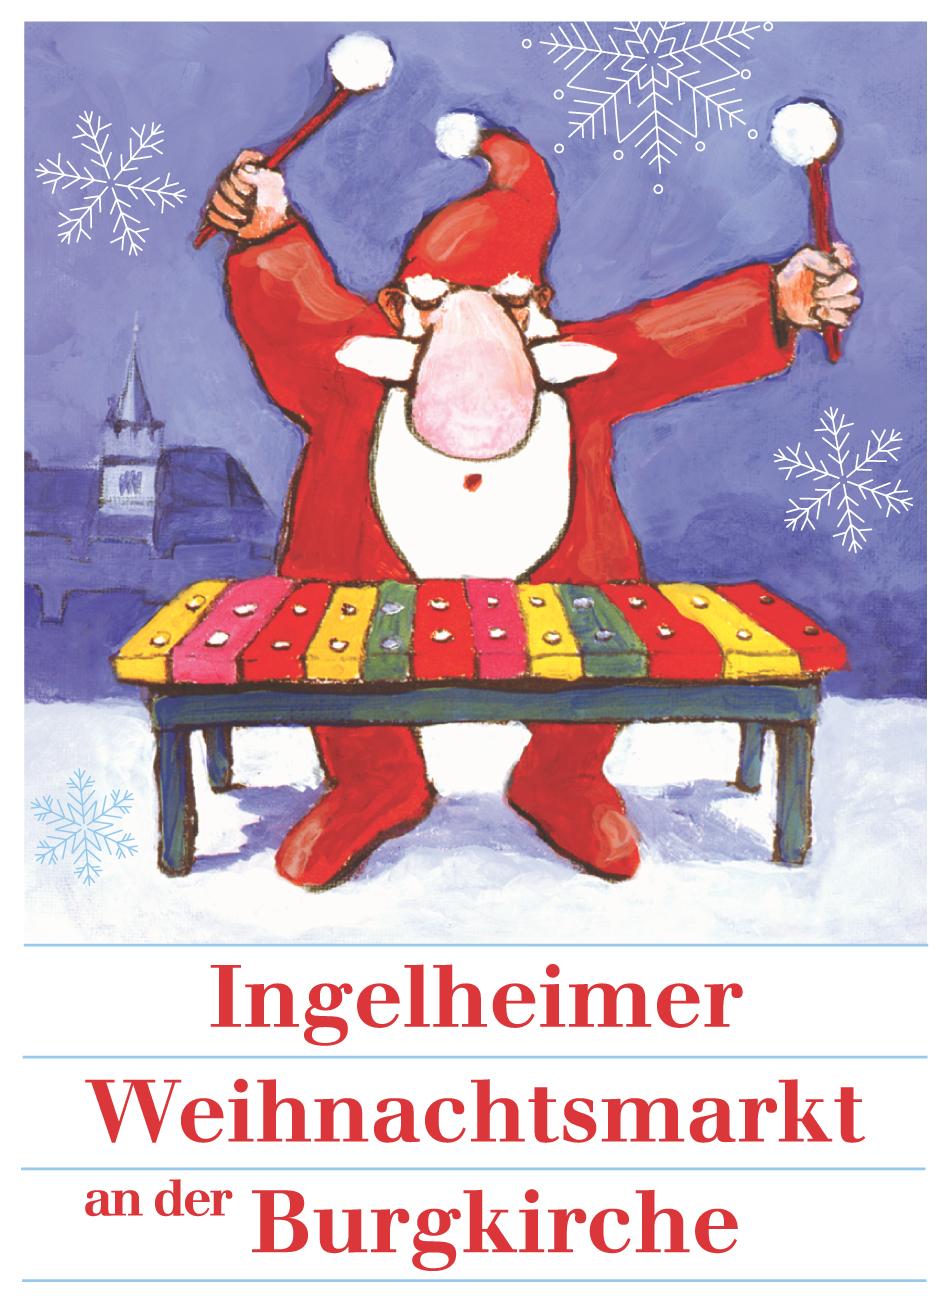 Weihnachtsmarkt an der Burgkirche